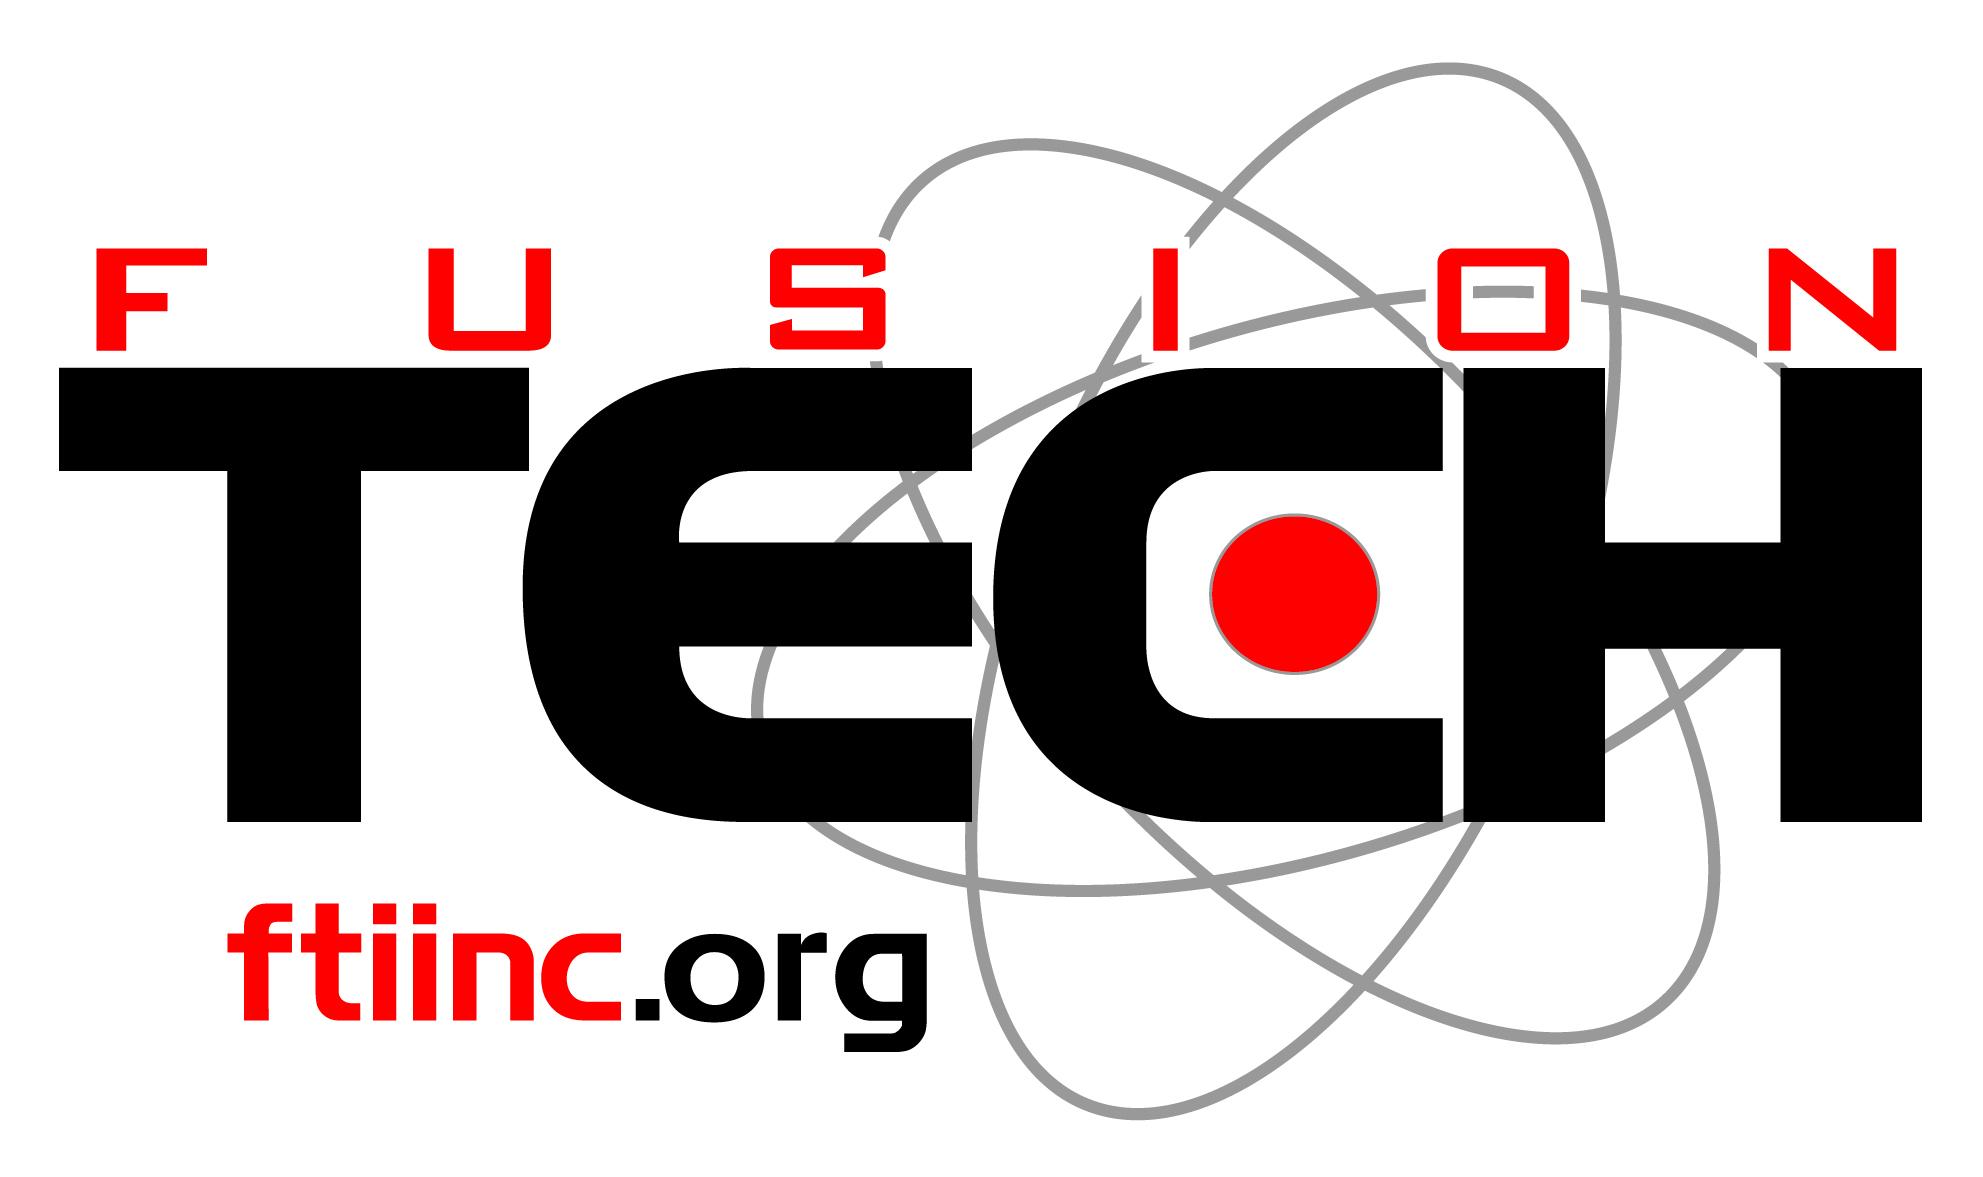 Fusion_Tech_logo - 2016.jpg